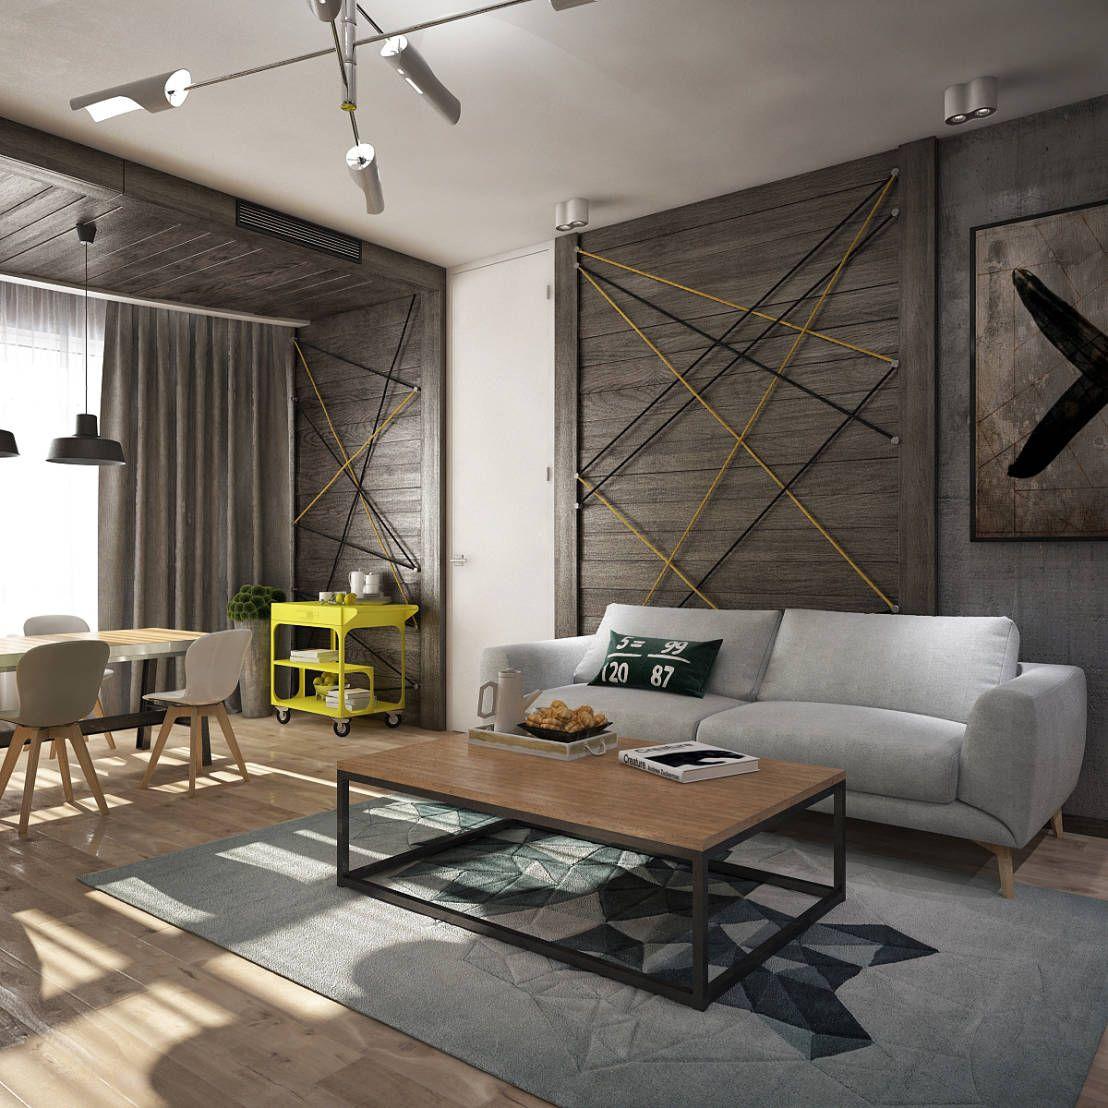 Moderne, elegante woonkamers waar iedereen van droomt